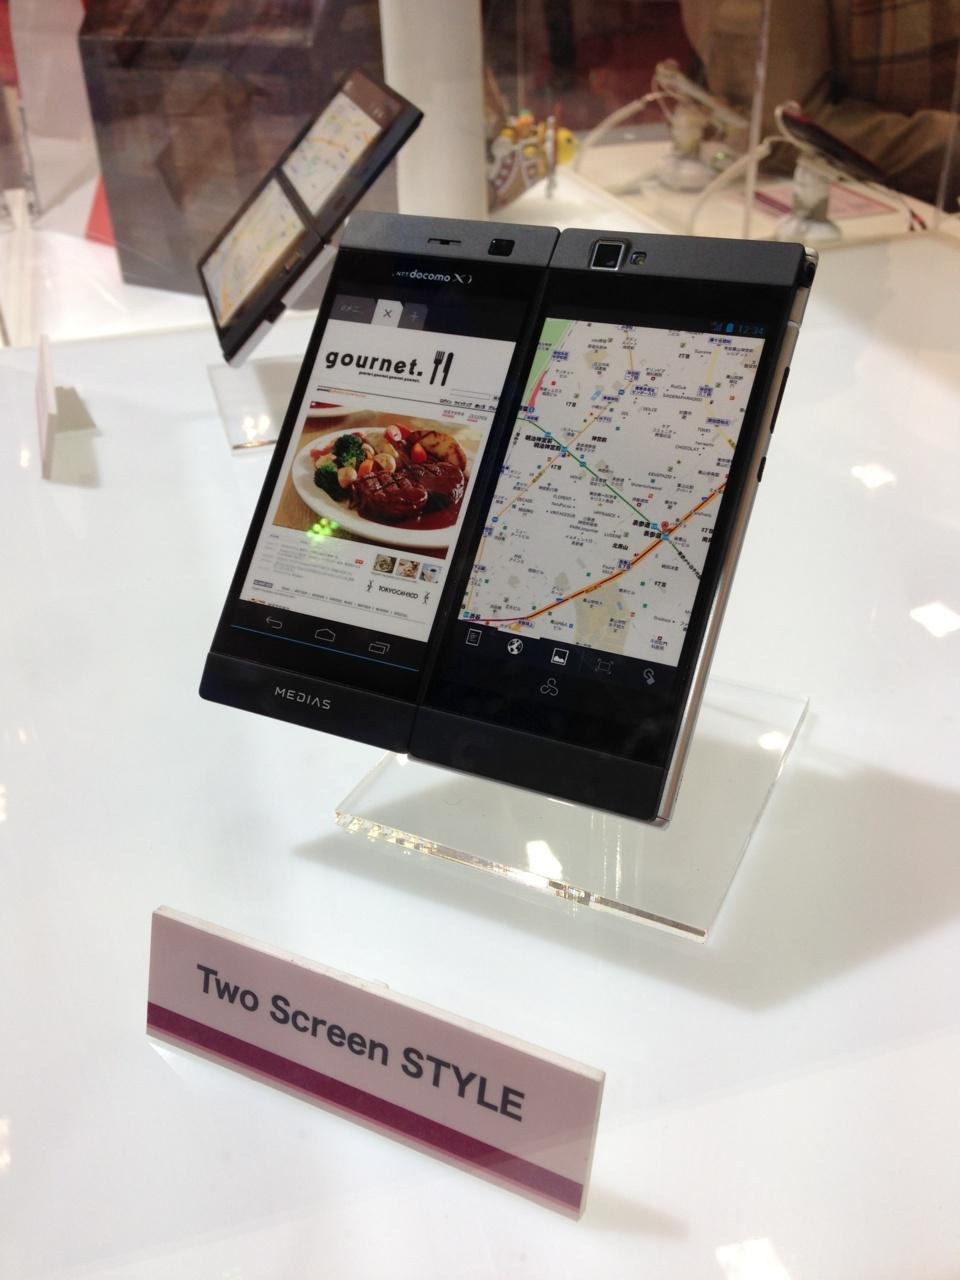 Télephone Nec avec un double écran. Je ne vois pas vraiment son utilité...